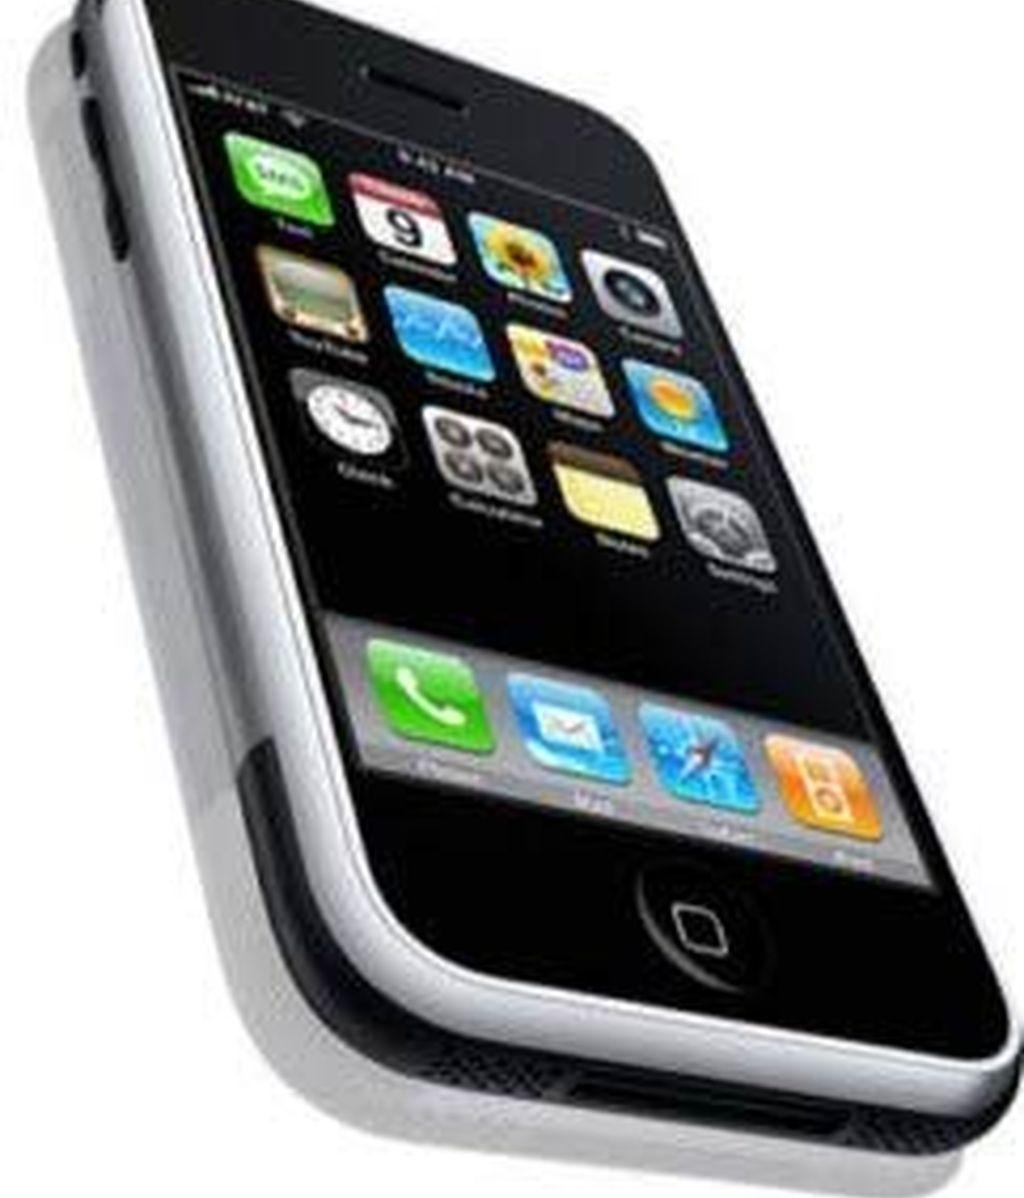 El iPhone 5 saldrá a la venta el próximo 7 de octubre. Foto: Archivo.